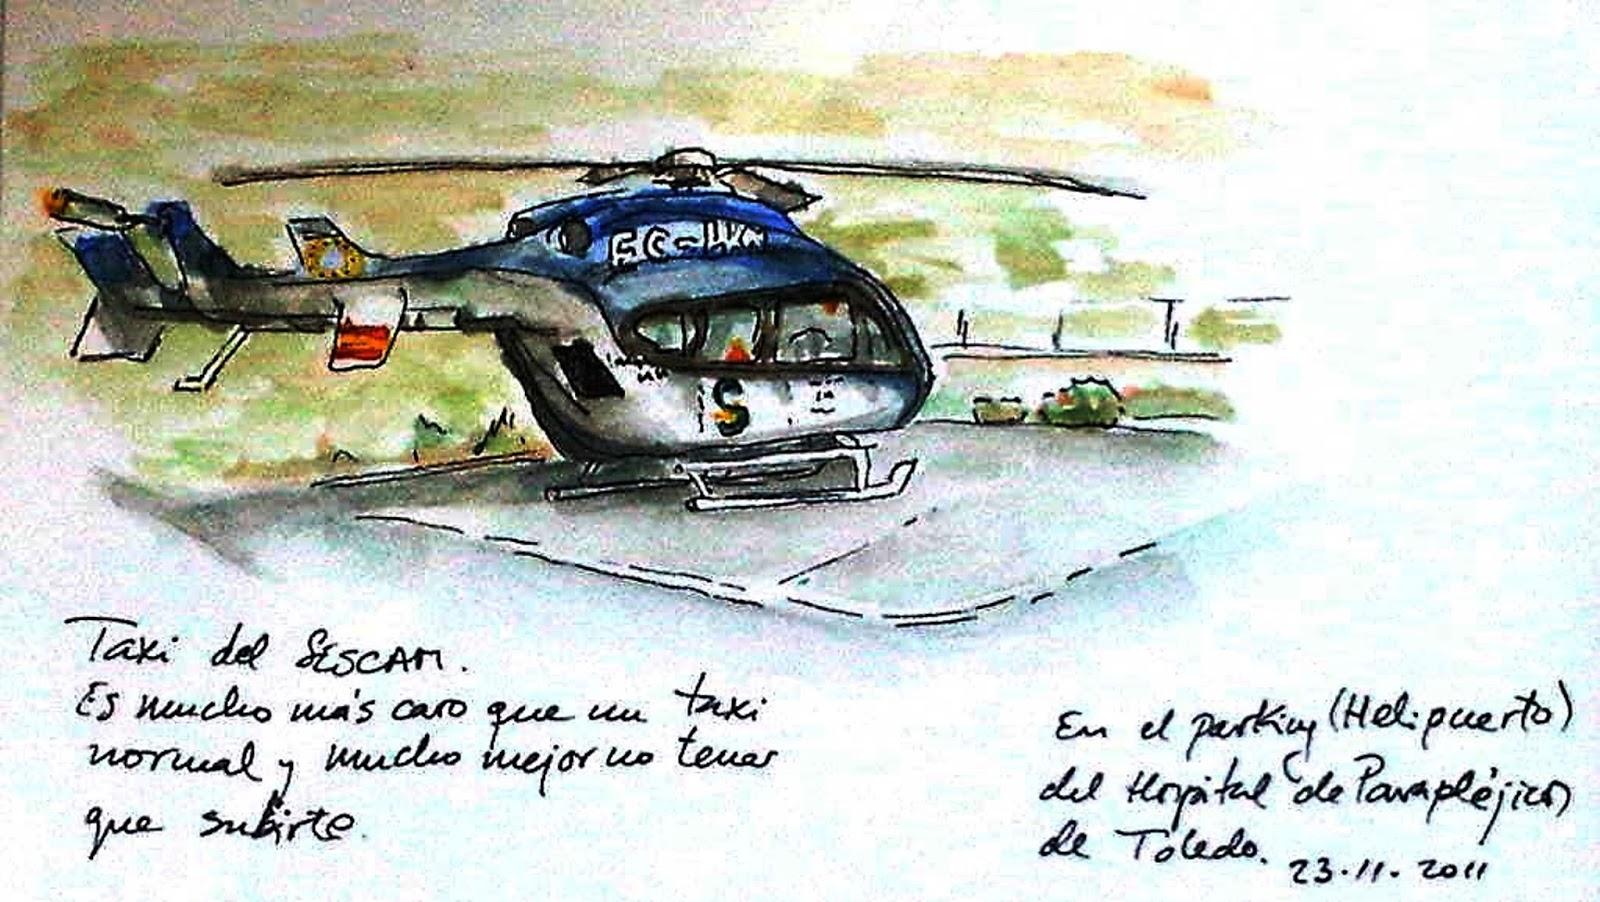 HELICOPTERO SANITARIO MEDEVAC del sescam Castilla La Mancha España  PREPARACIÓN DEL PACIENTE PARA EVACUACIONES AÉREAS. Transporte Aeromedico